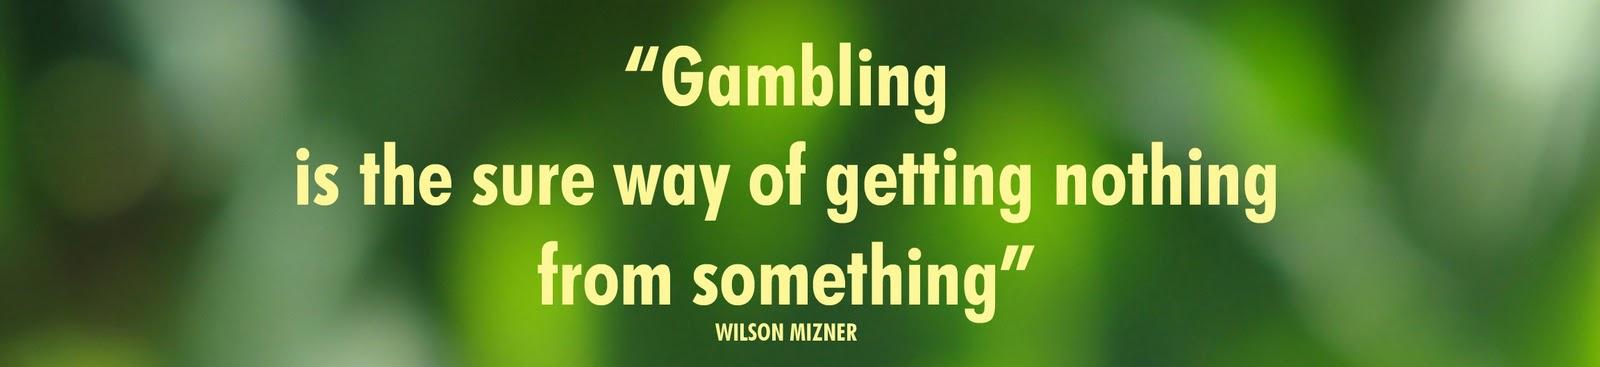 Gambling sin bible verse